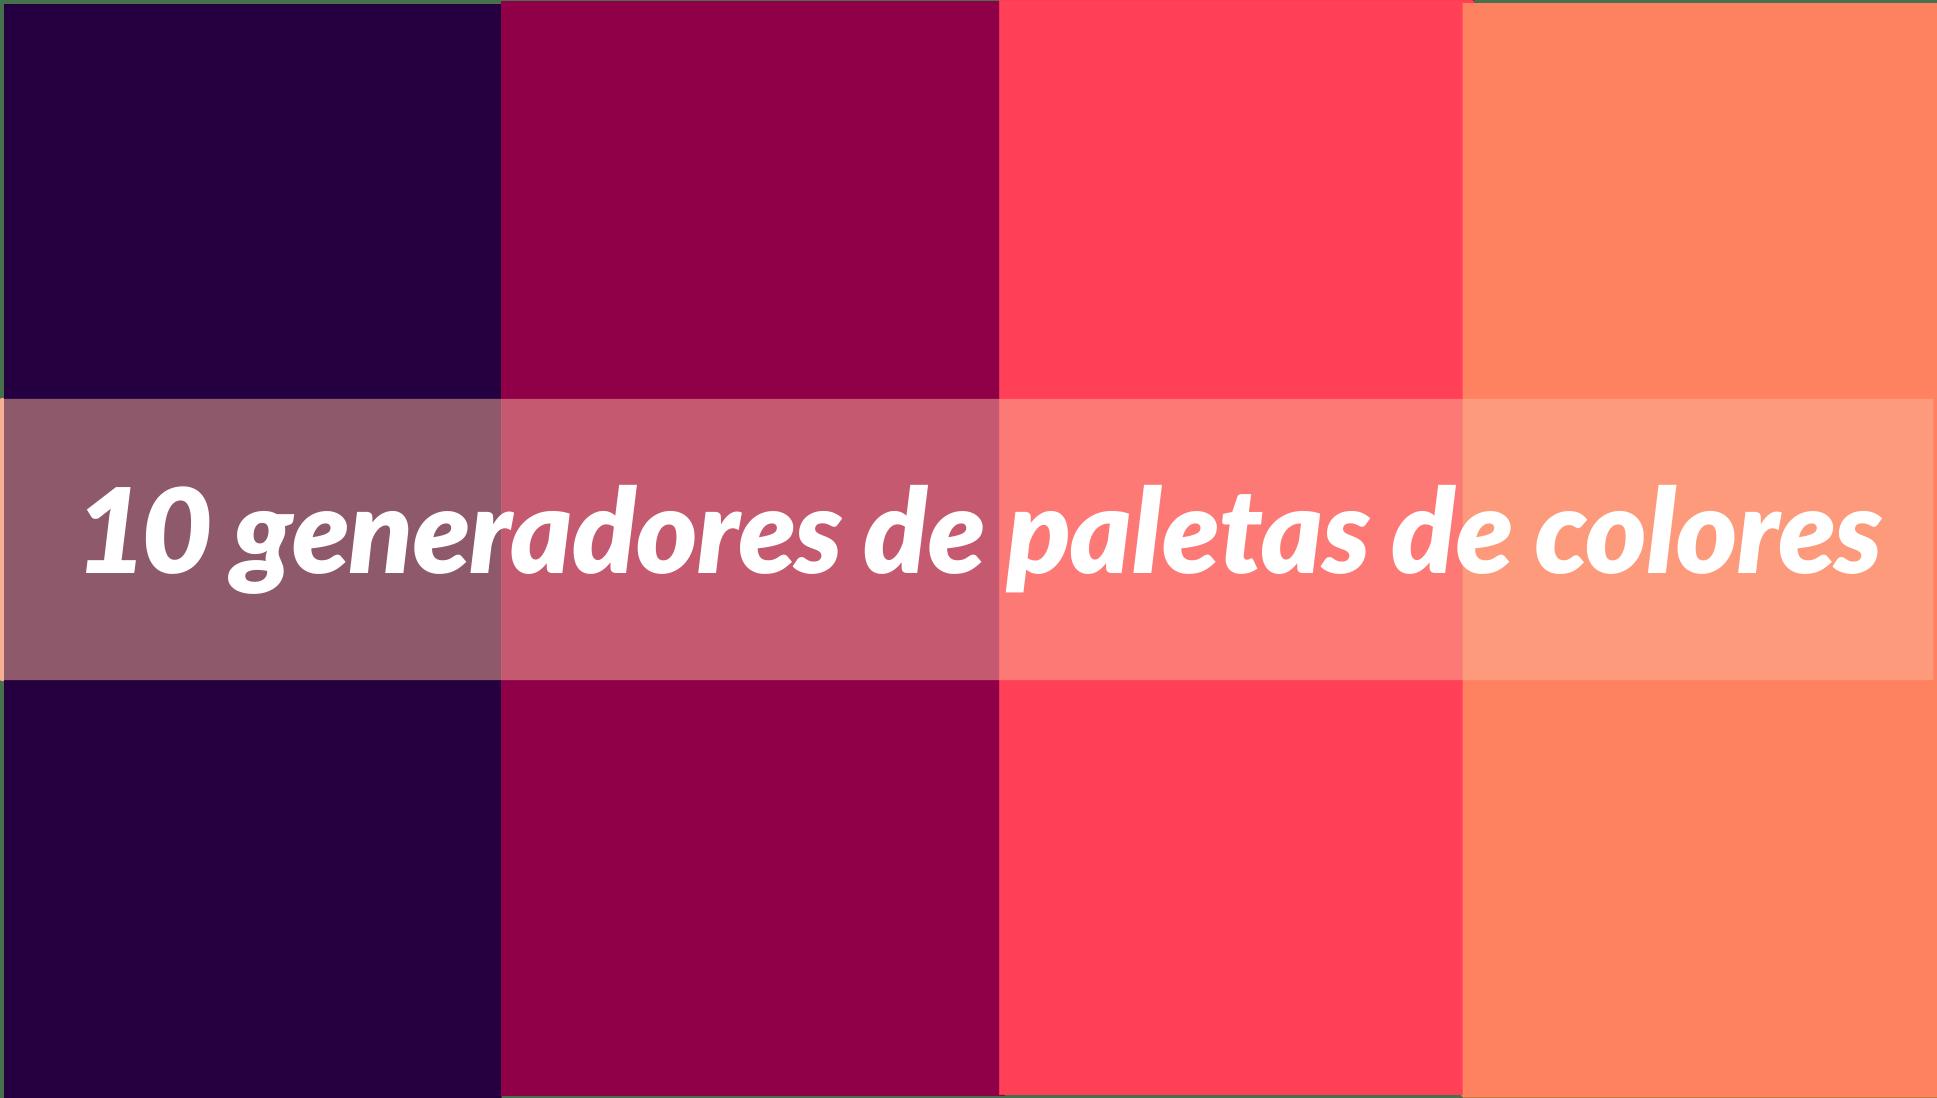 10 herramientas para generar paletas de colores online